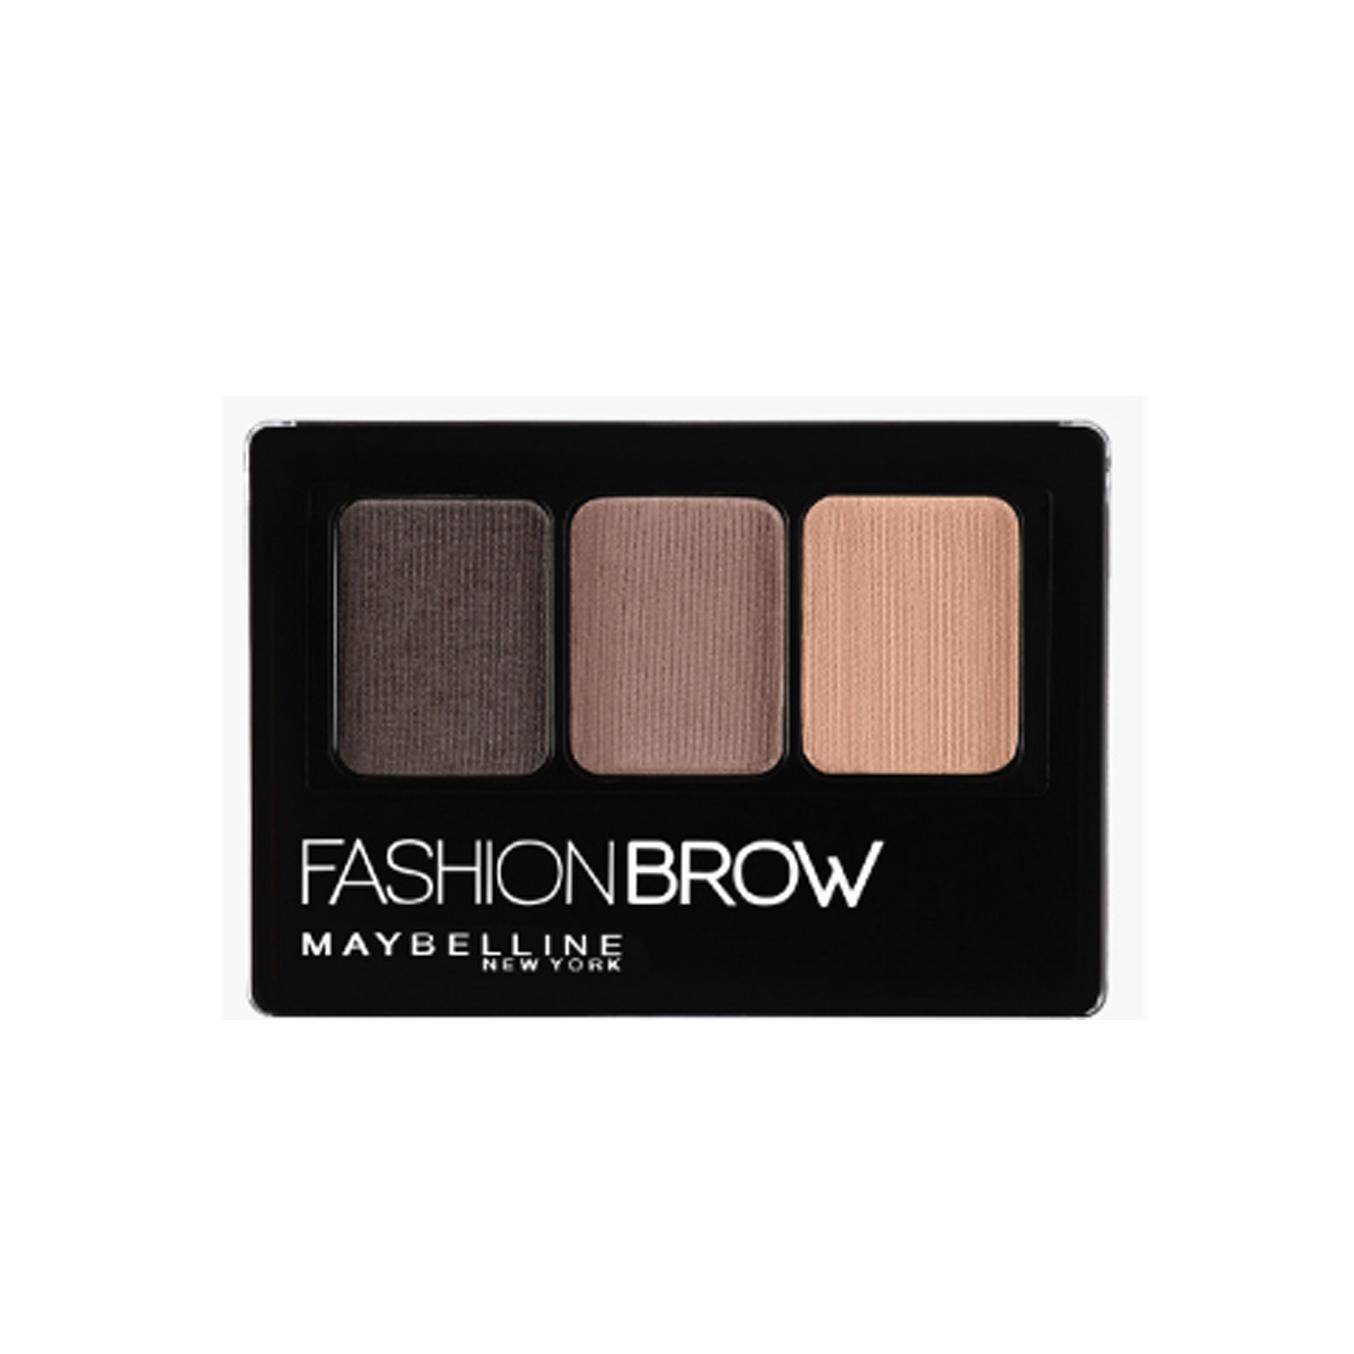 Maybelline Fashion Brow Palette (Dark Brown) Philippines